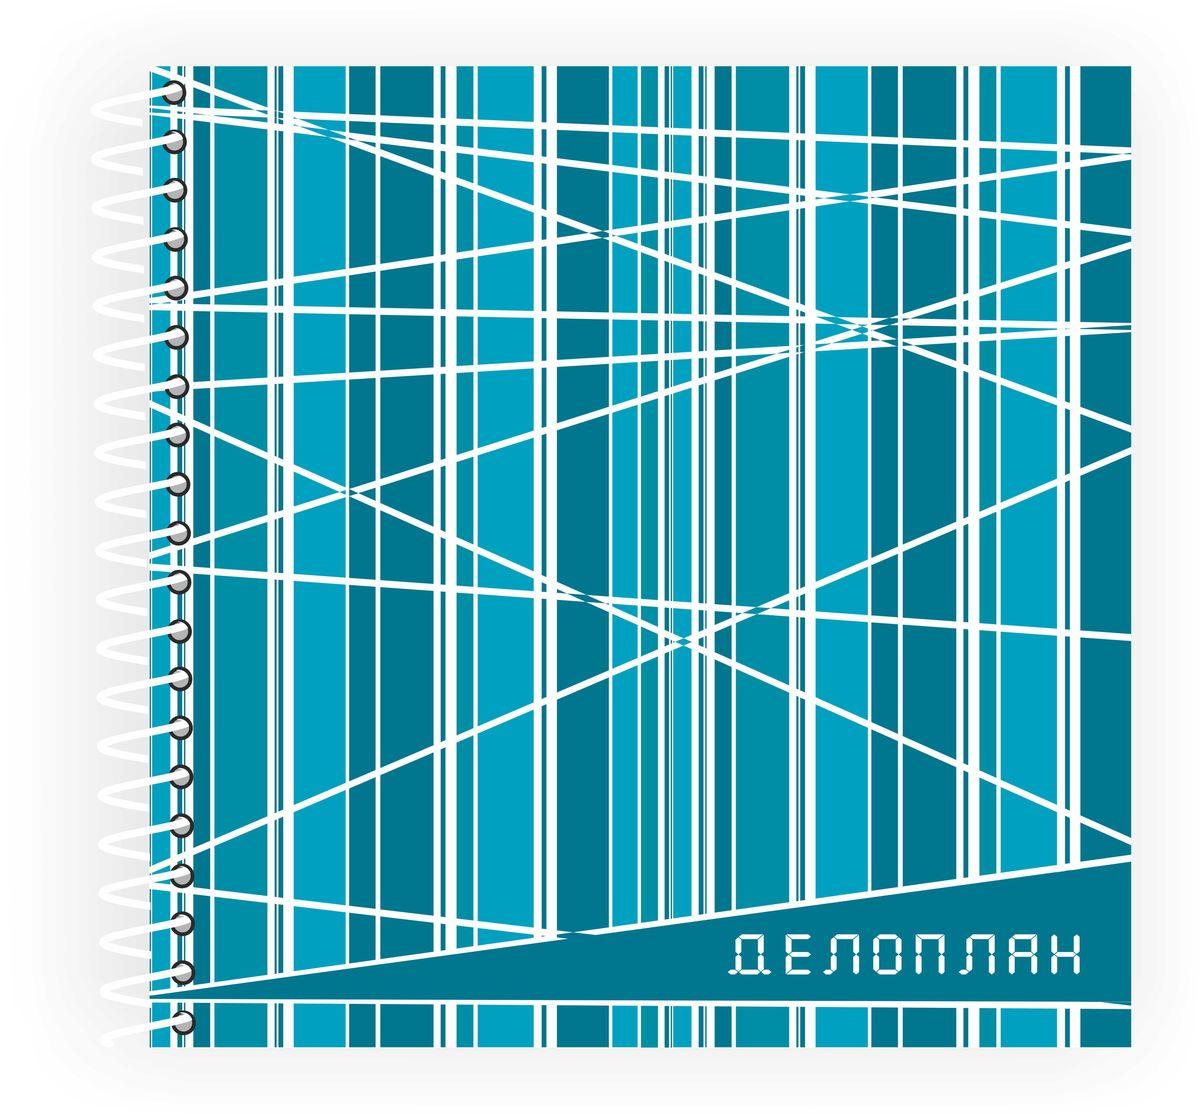 Фолиант Блокнот Делоплан 100 листов цвет бирюзовый блокноты фолиант блокнот гимнастки